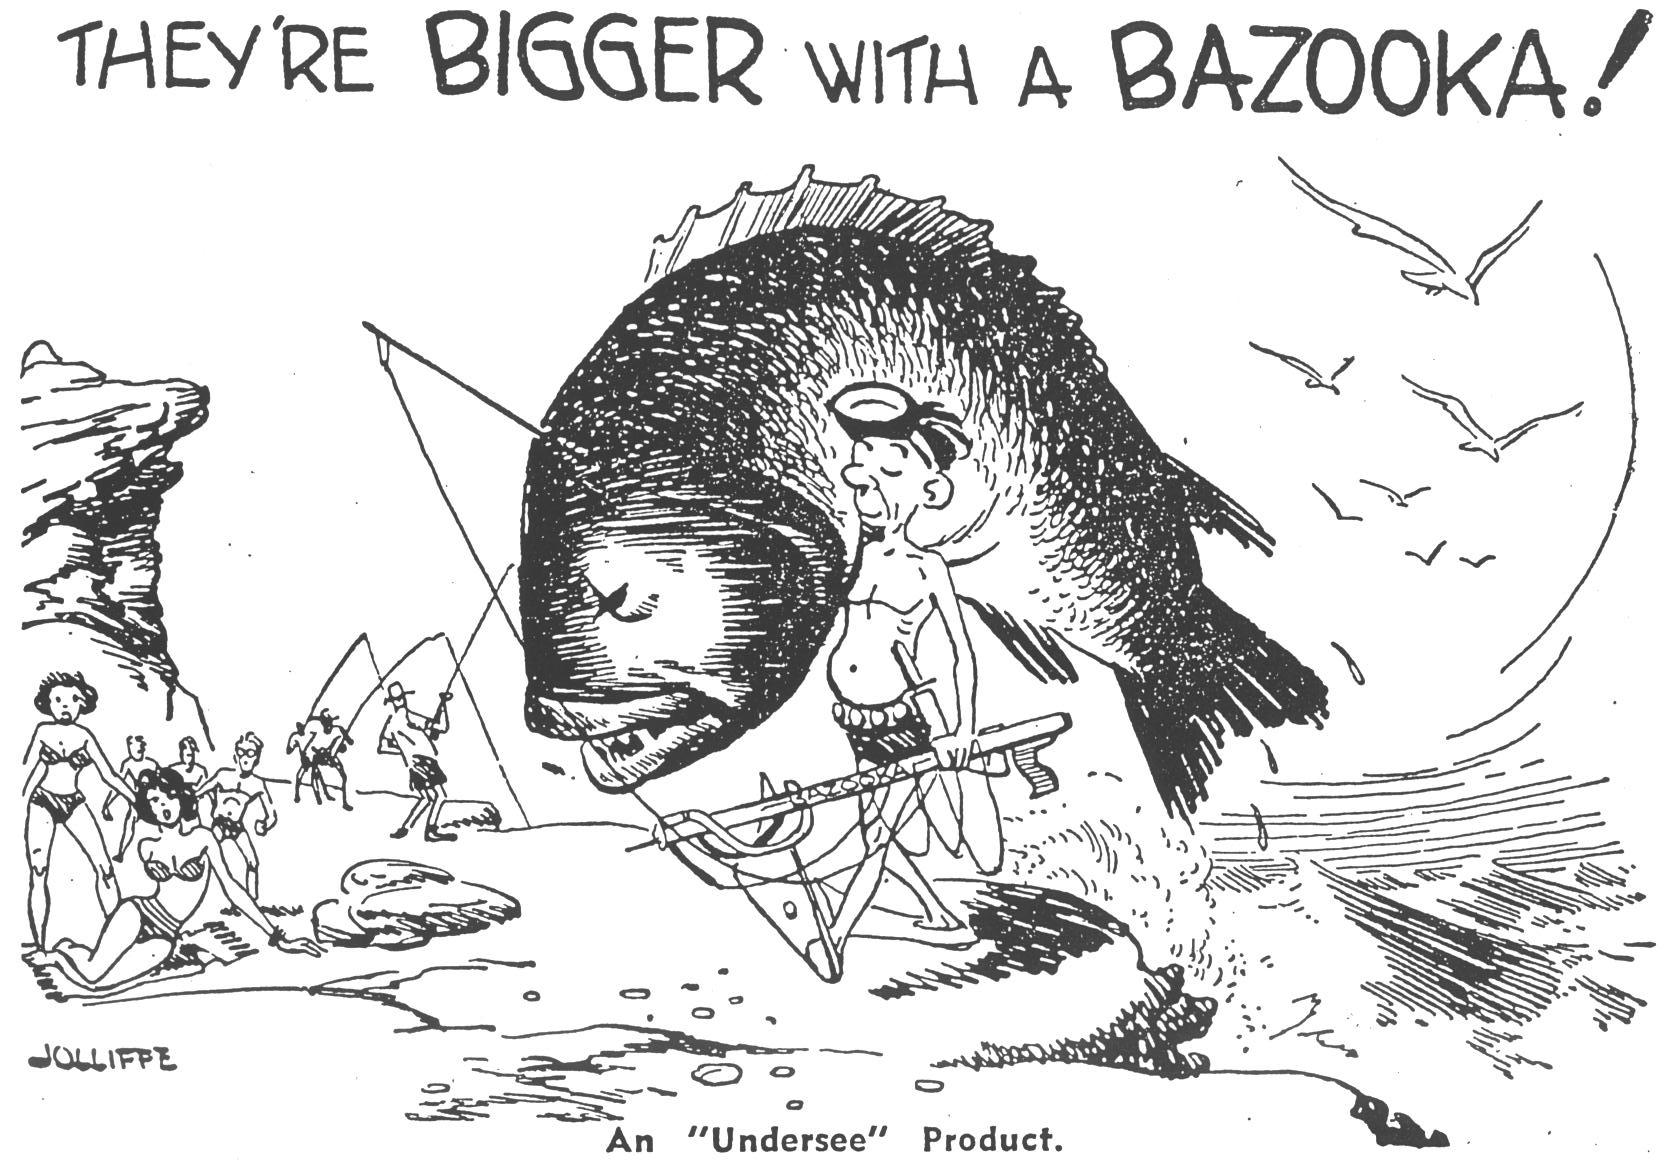 Bazooka Advertisement